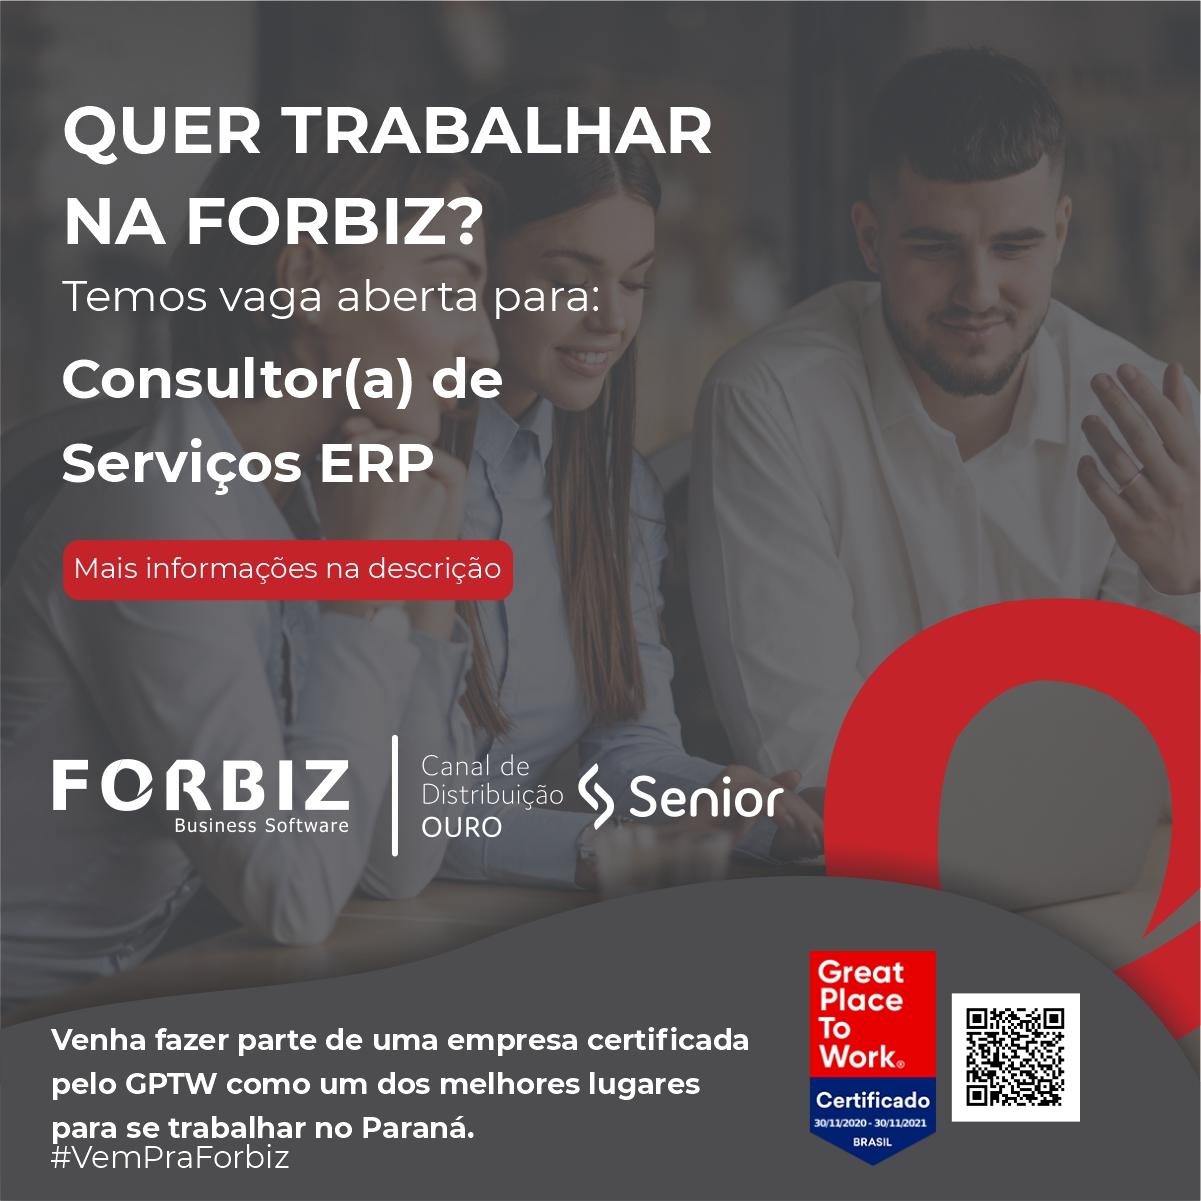 Consultor(a) de serviços ERP